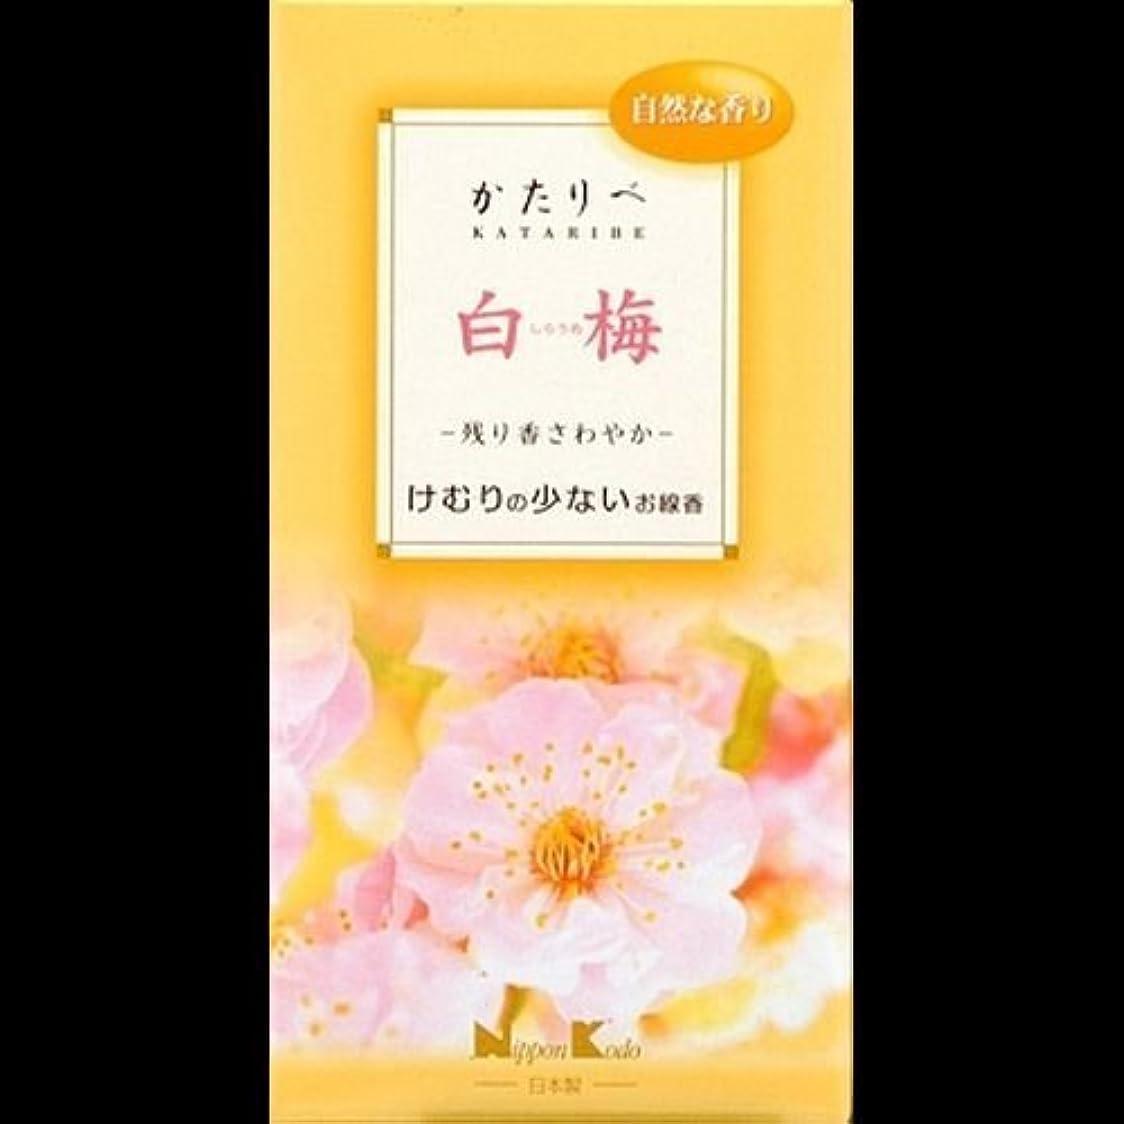 ペグ嫌い冷蔵庫【まとめ買い】かたりべ 白梅 バラ詰 140g ×2セット